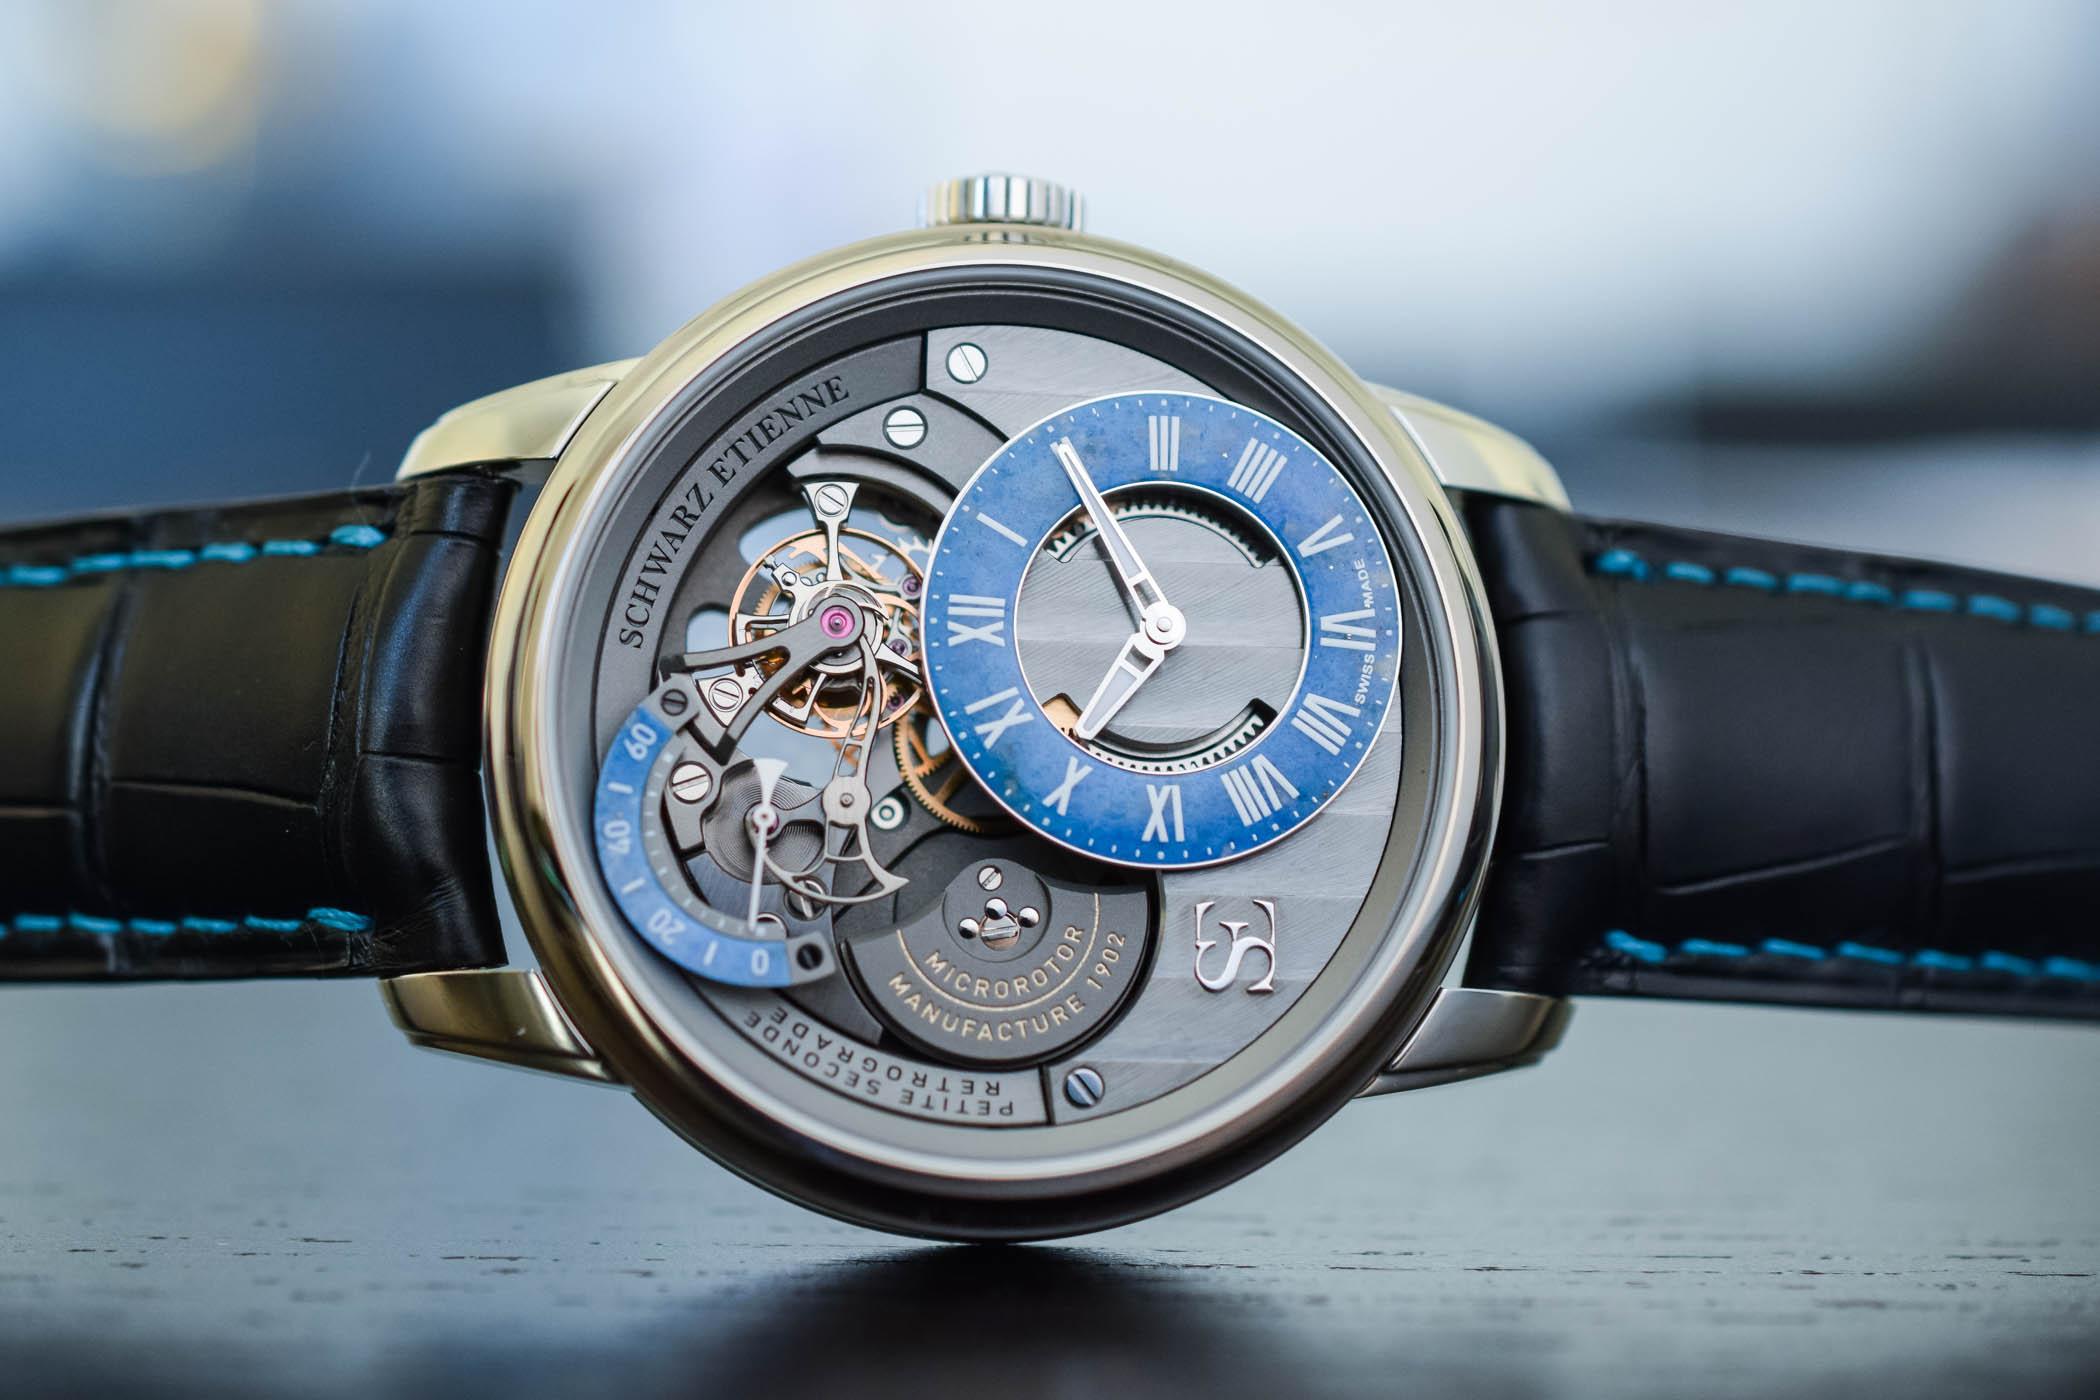 Schwarz Etienne La Chaux-de-fonds Tourbillon Petite Seconde Retrograde - Steel Lapis Lazuli